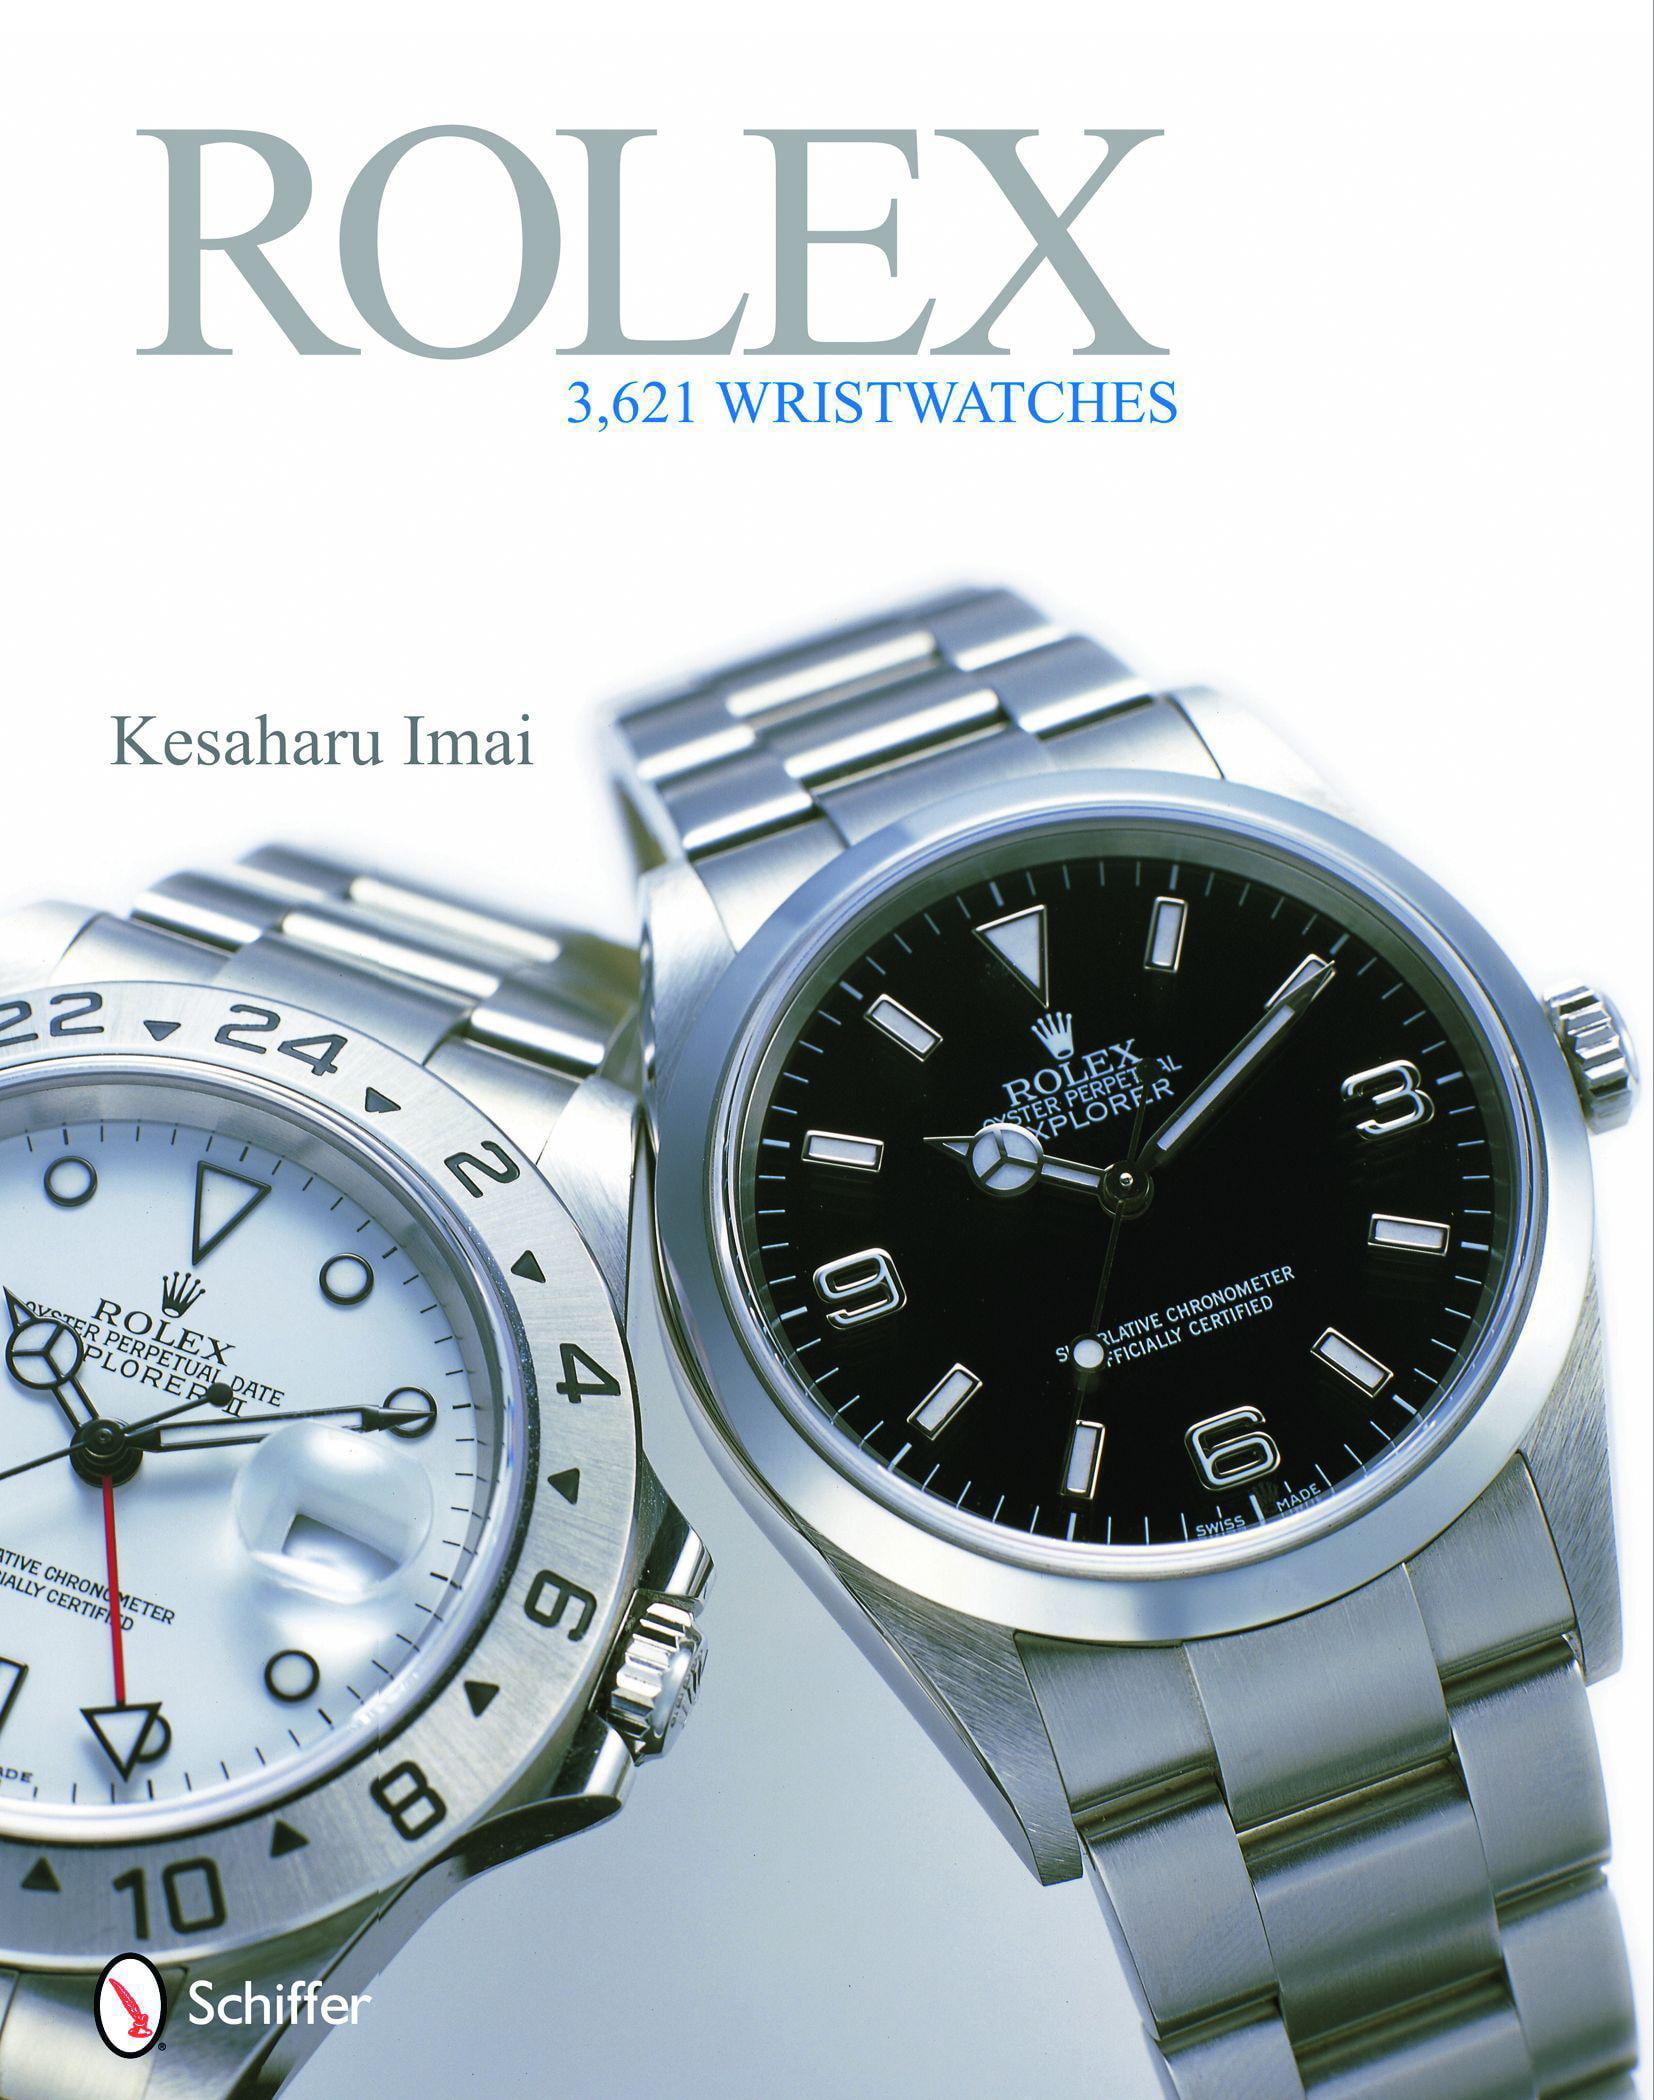 Rolex : 3,261 Wristwatches